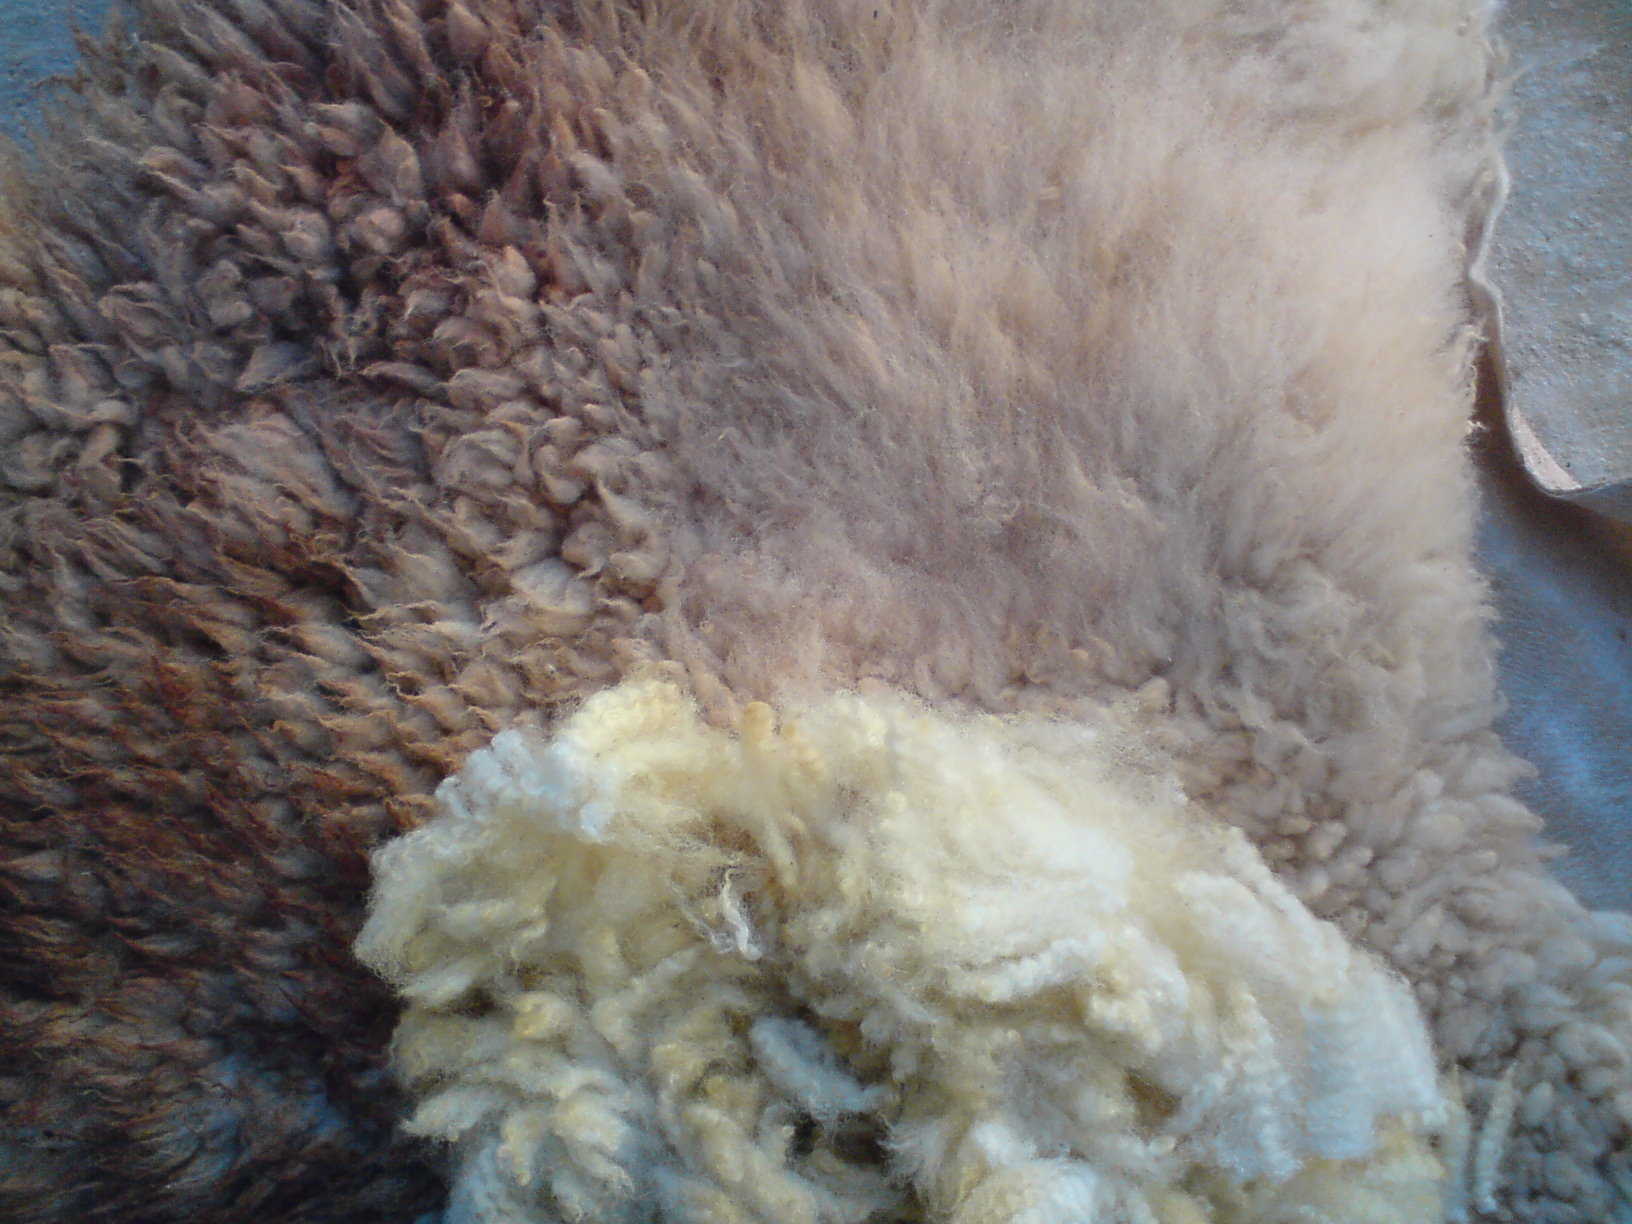 Шкуру барана снимают, консервируют, после чего выделывают и используют в промышленности